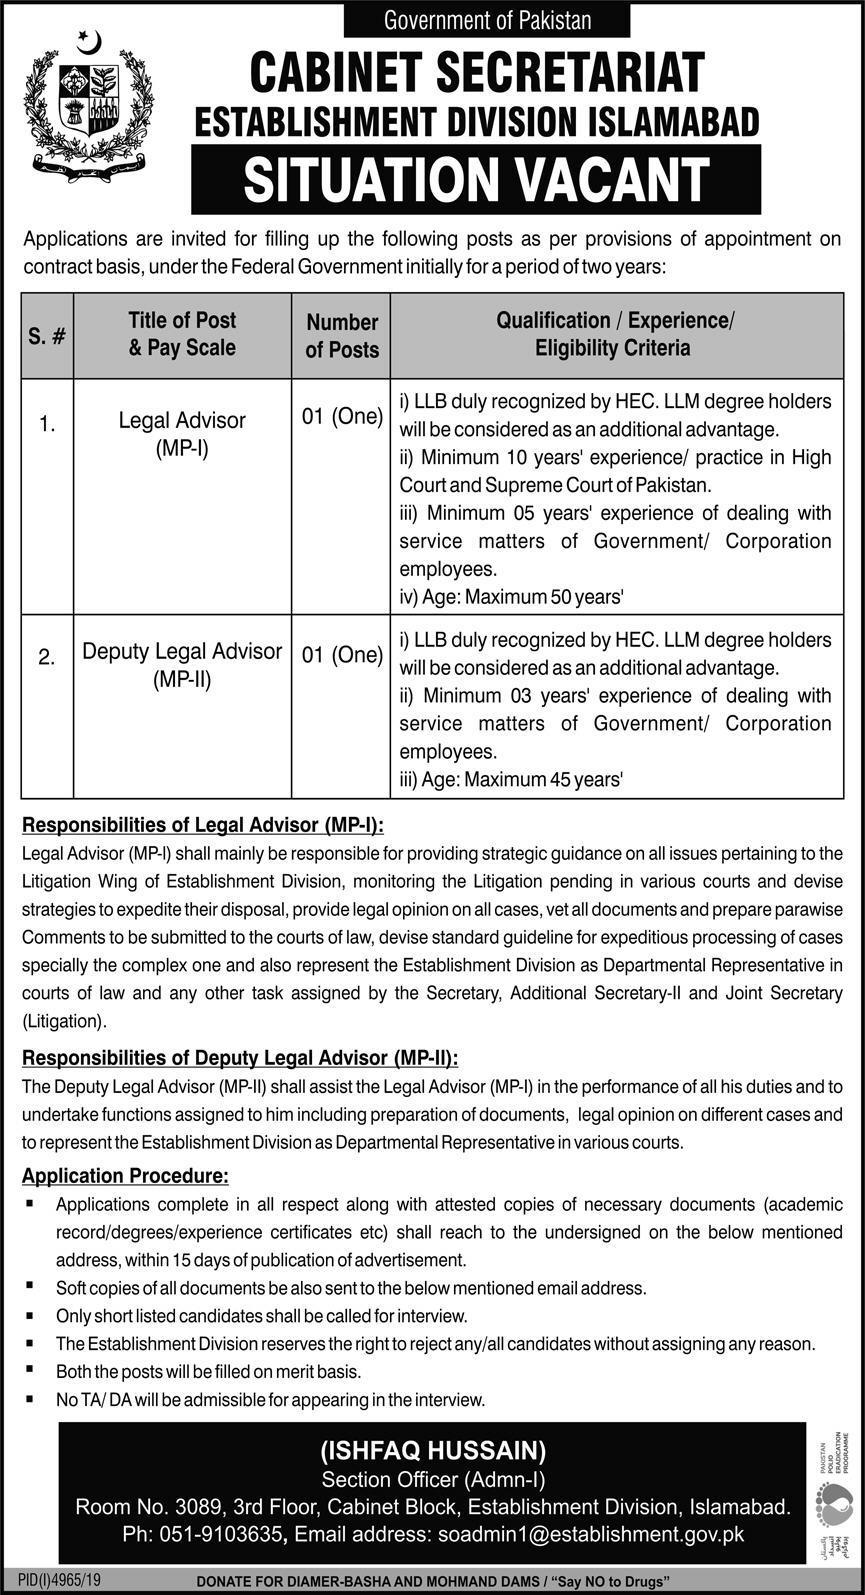 Jobs Cabinet Secretariat Establishment Division Islamabad 2020